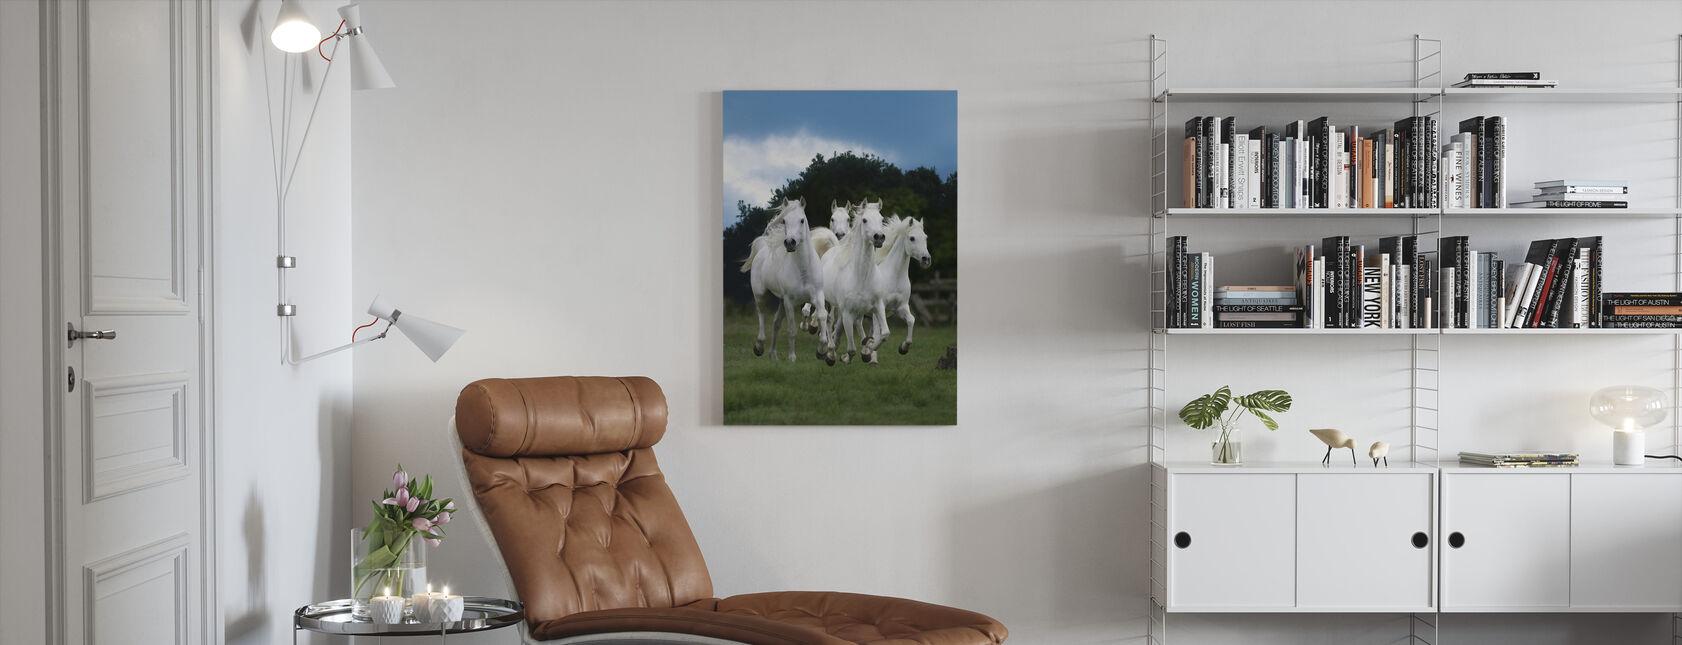 Glänzende weiße Pferde - Leinwandbild - Wohnzimmer